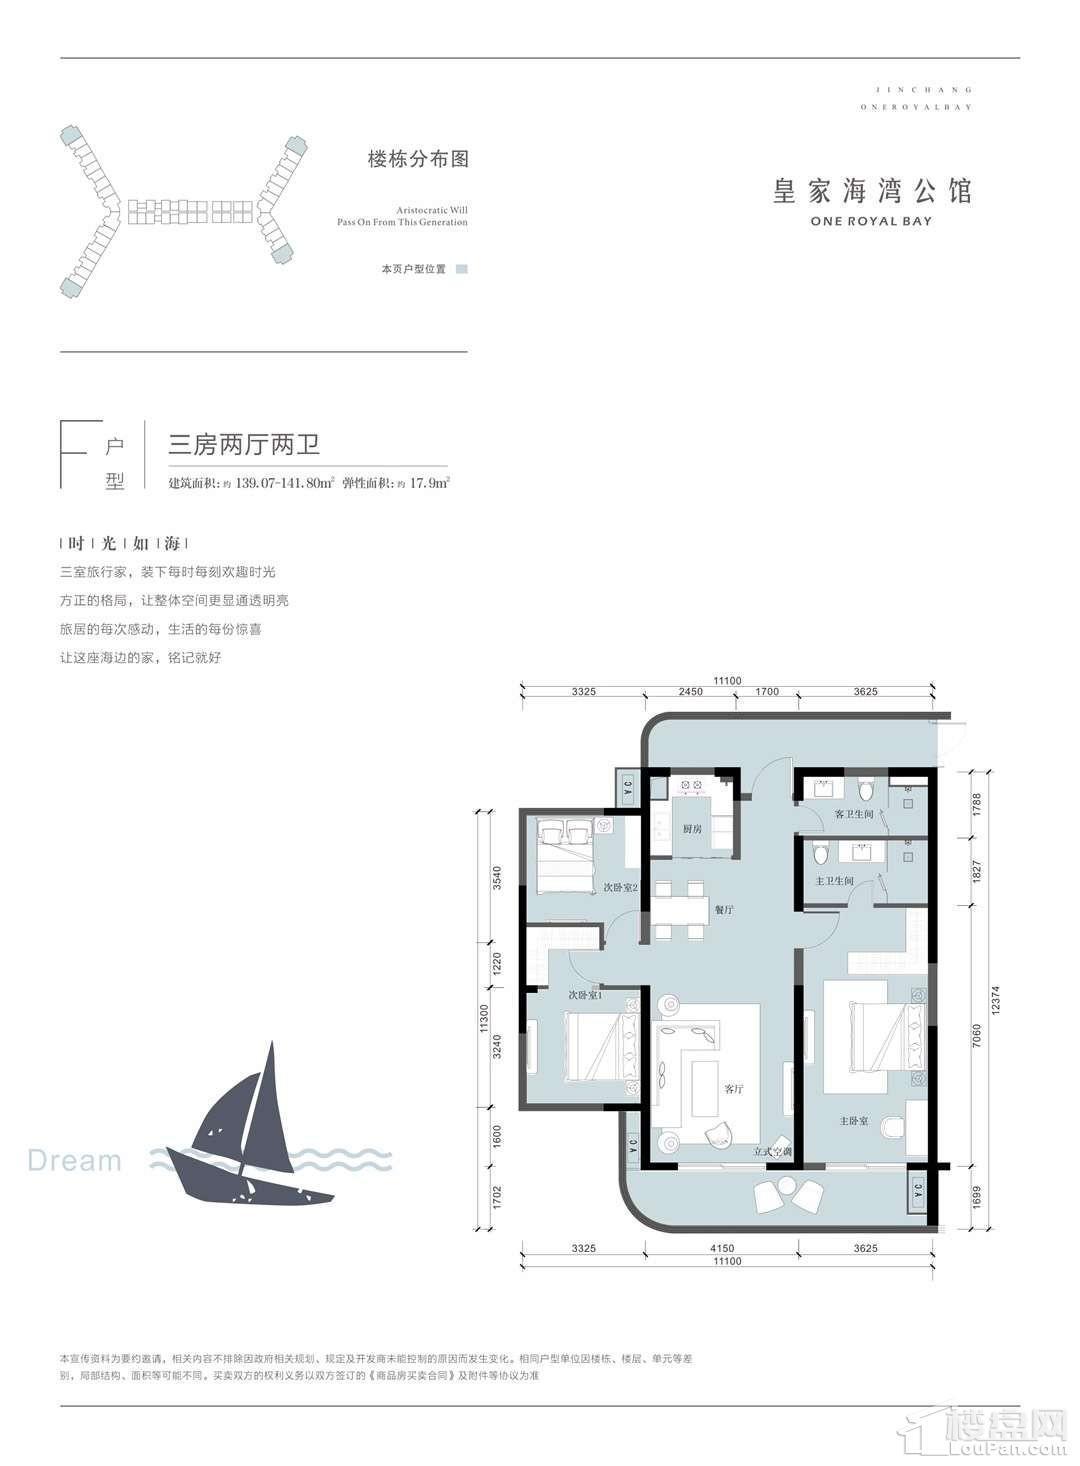 6#楼F户型 3室2厅2卫 约139.07m²~141.80㎡